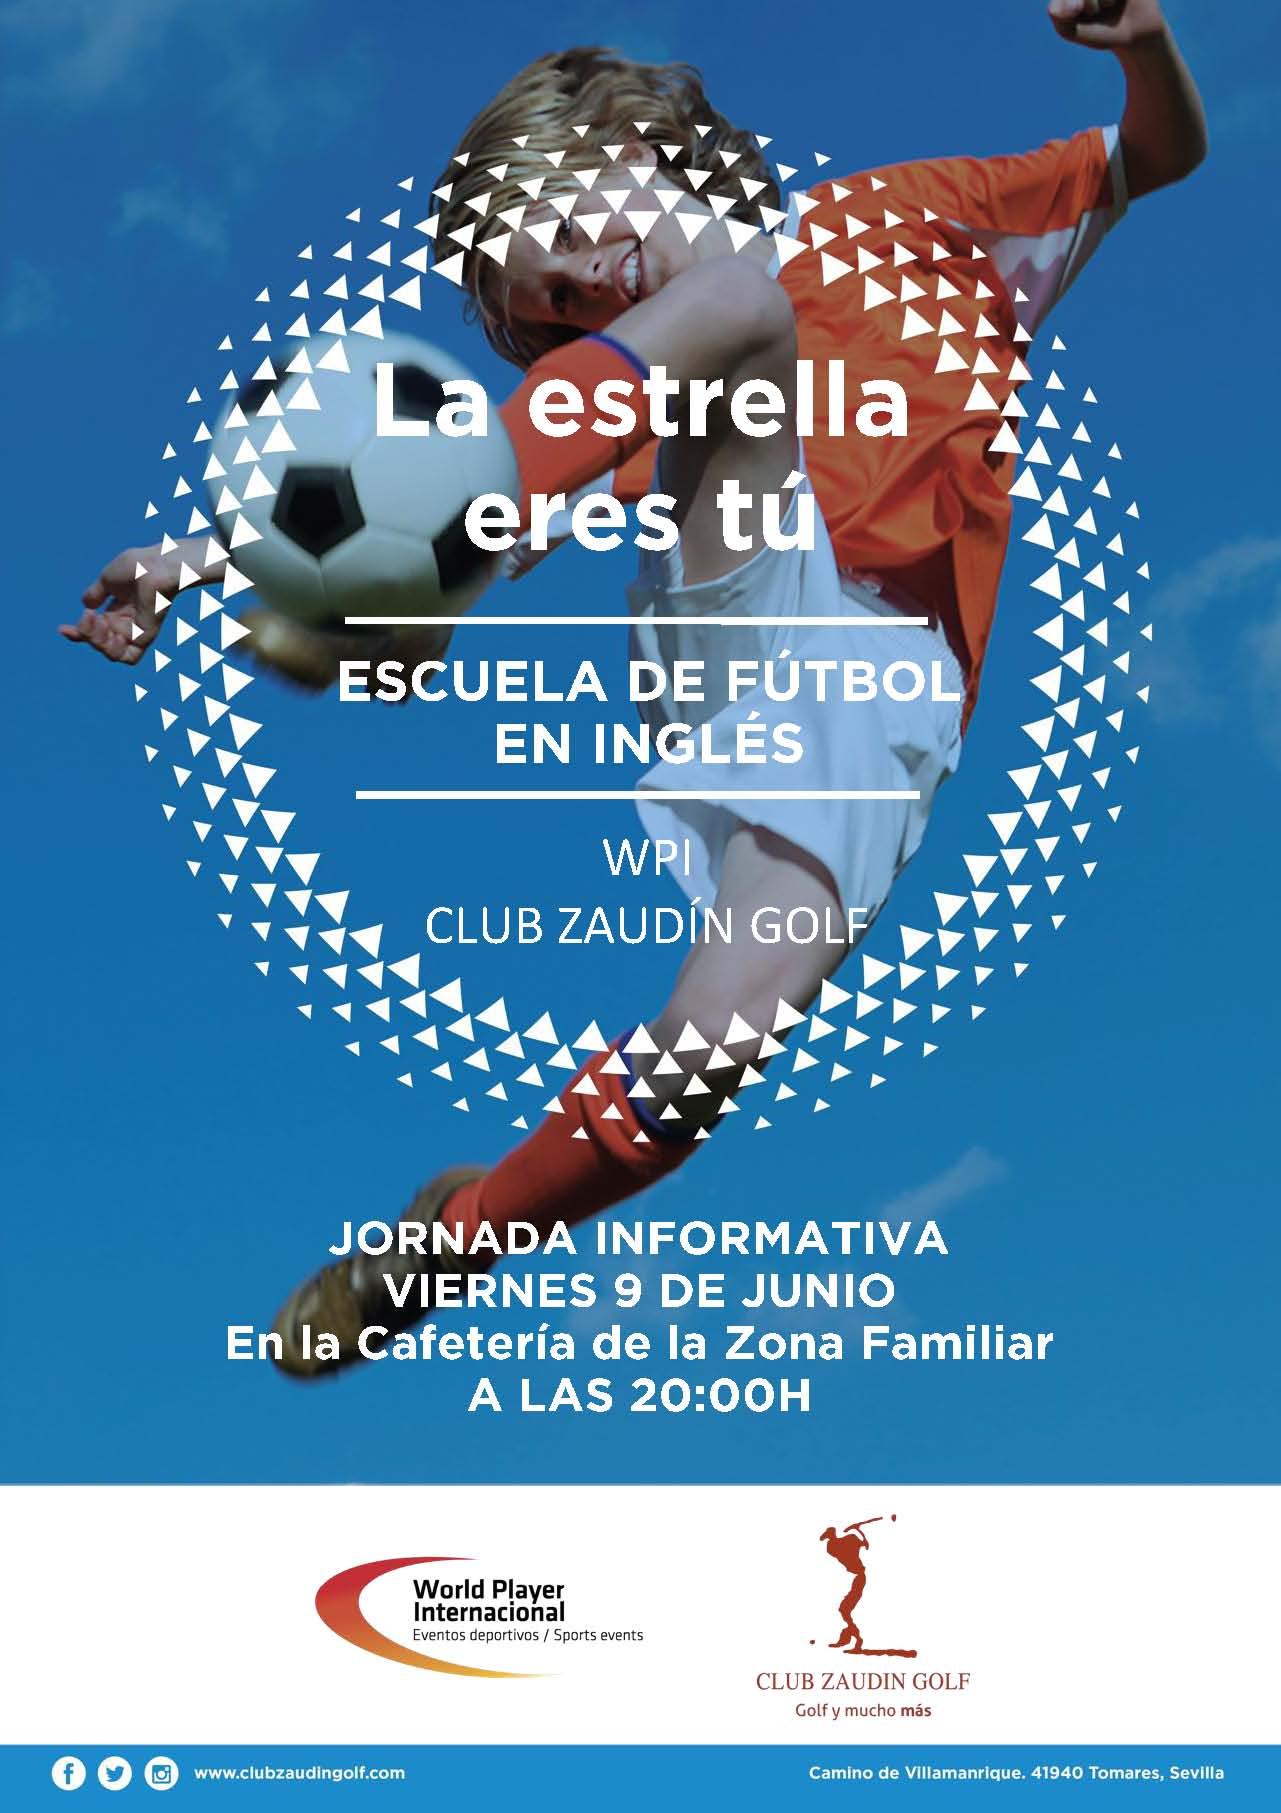 Escuela de Futbol. Jornada Informativa